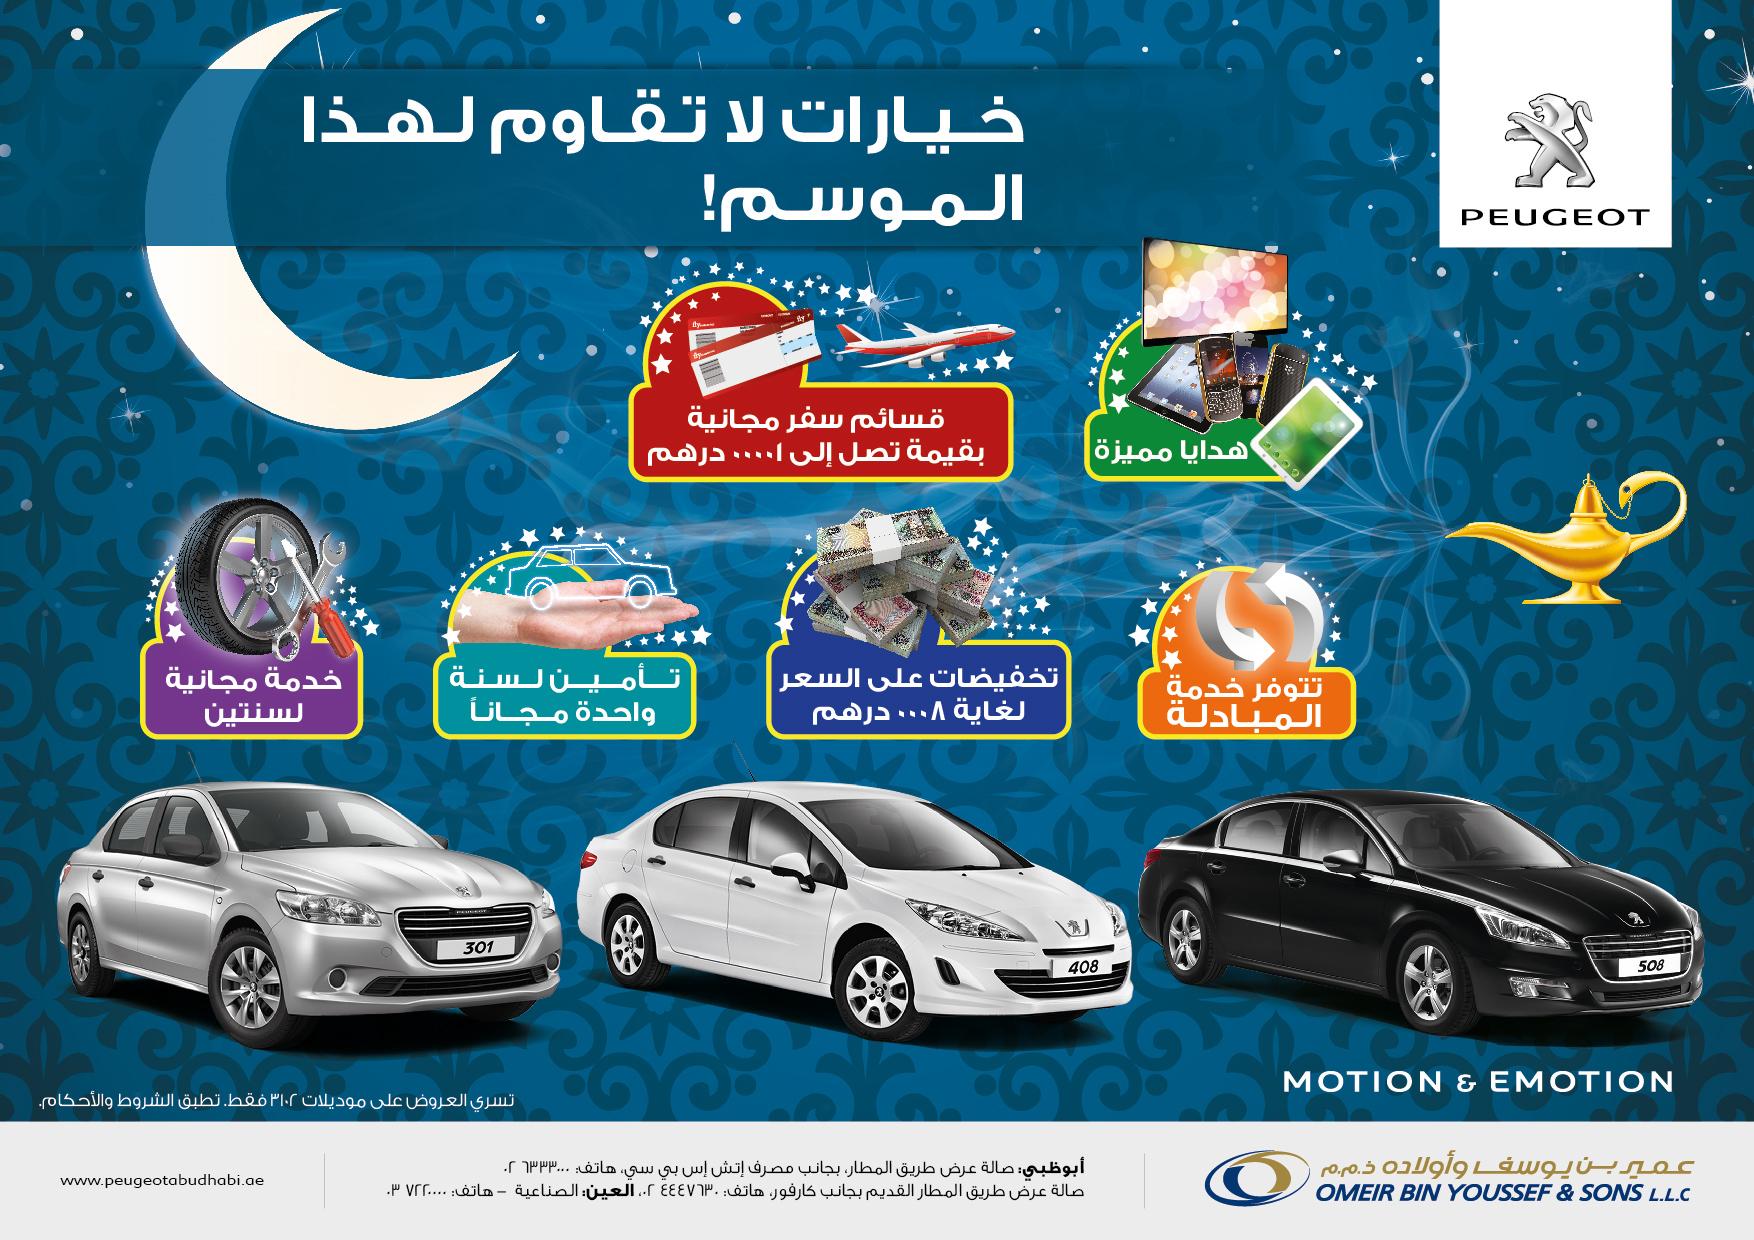 ramadan-campaign-2013-abu-dhabi